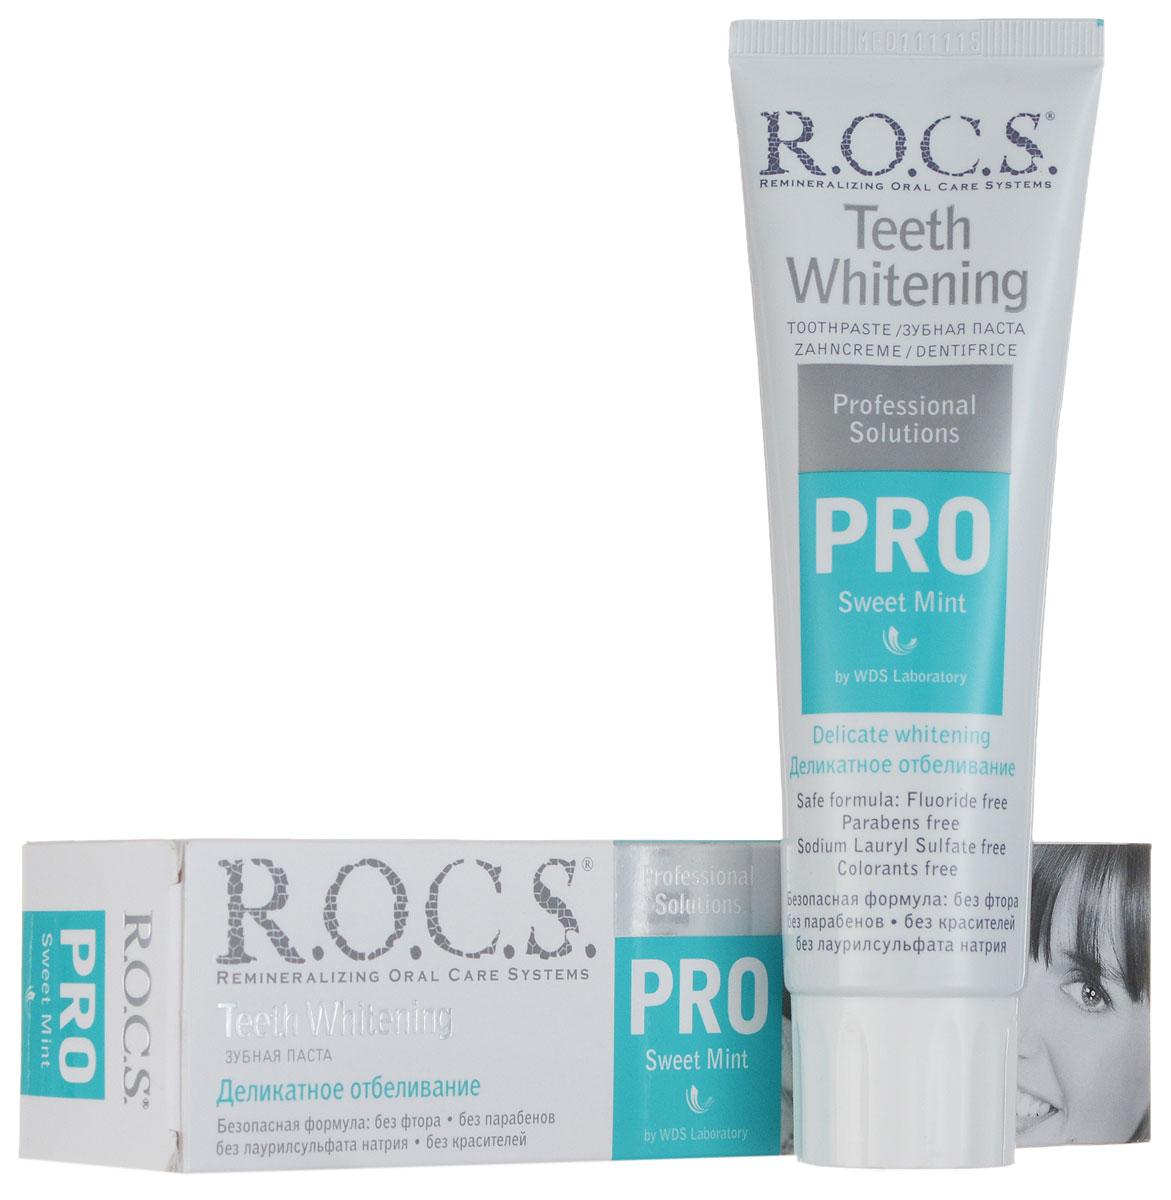 R.O.C.S Зубная паста PRO Delicate White, Sweet Mint32700104Для безупречной красоты вашей улыбки и чистоты зубовБезопасная формула: не содержит фтор, лаурилсульфат натрия, парабены и красителиПодходит для постоянного ежедневного использования